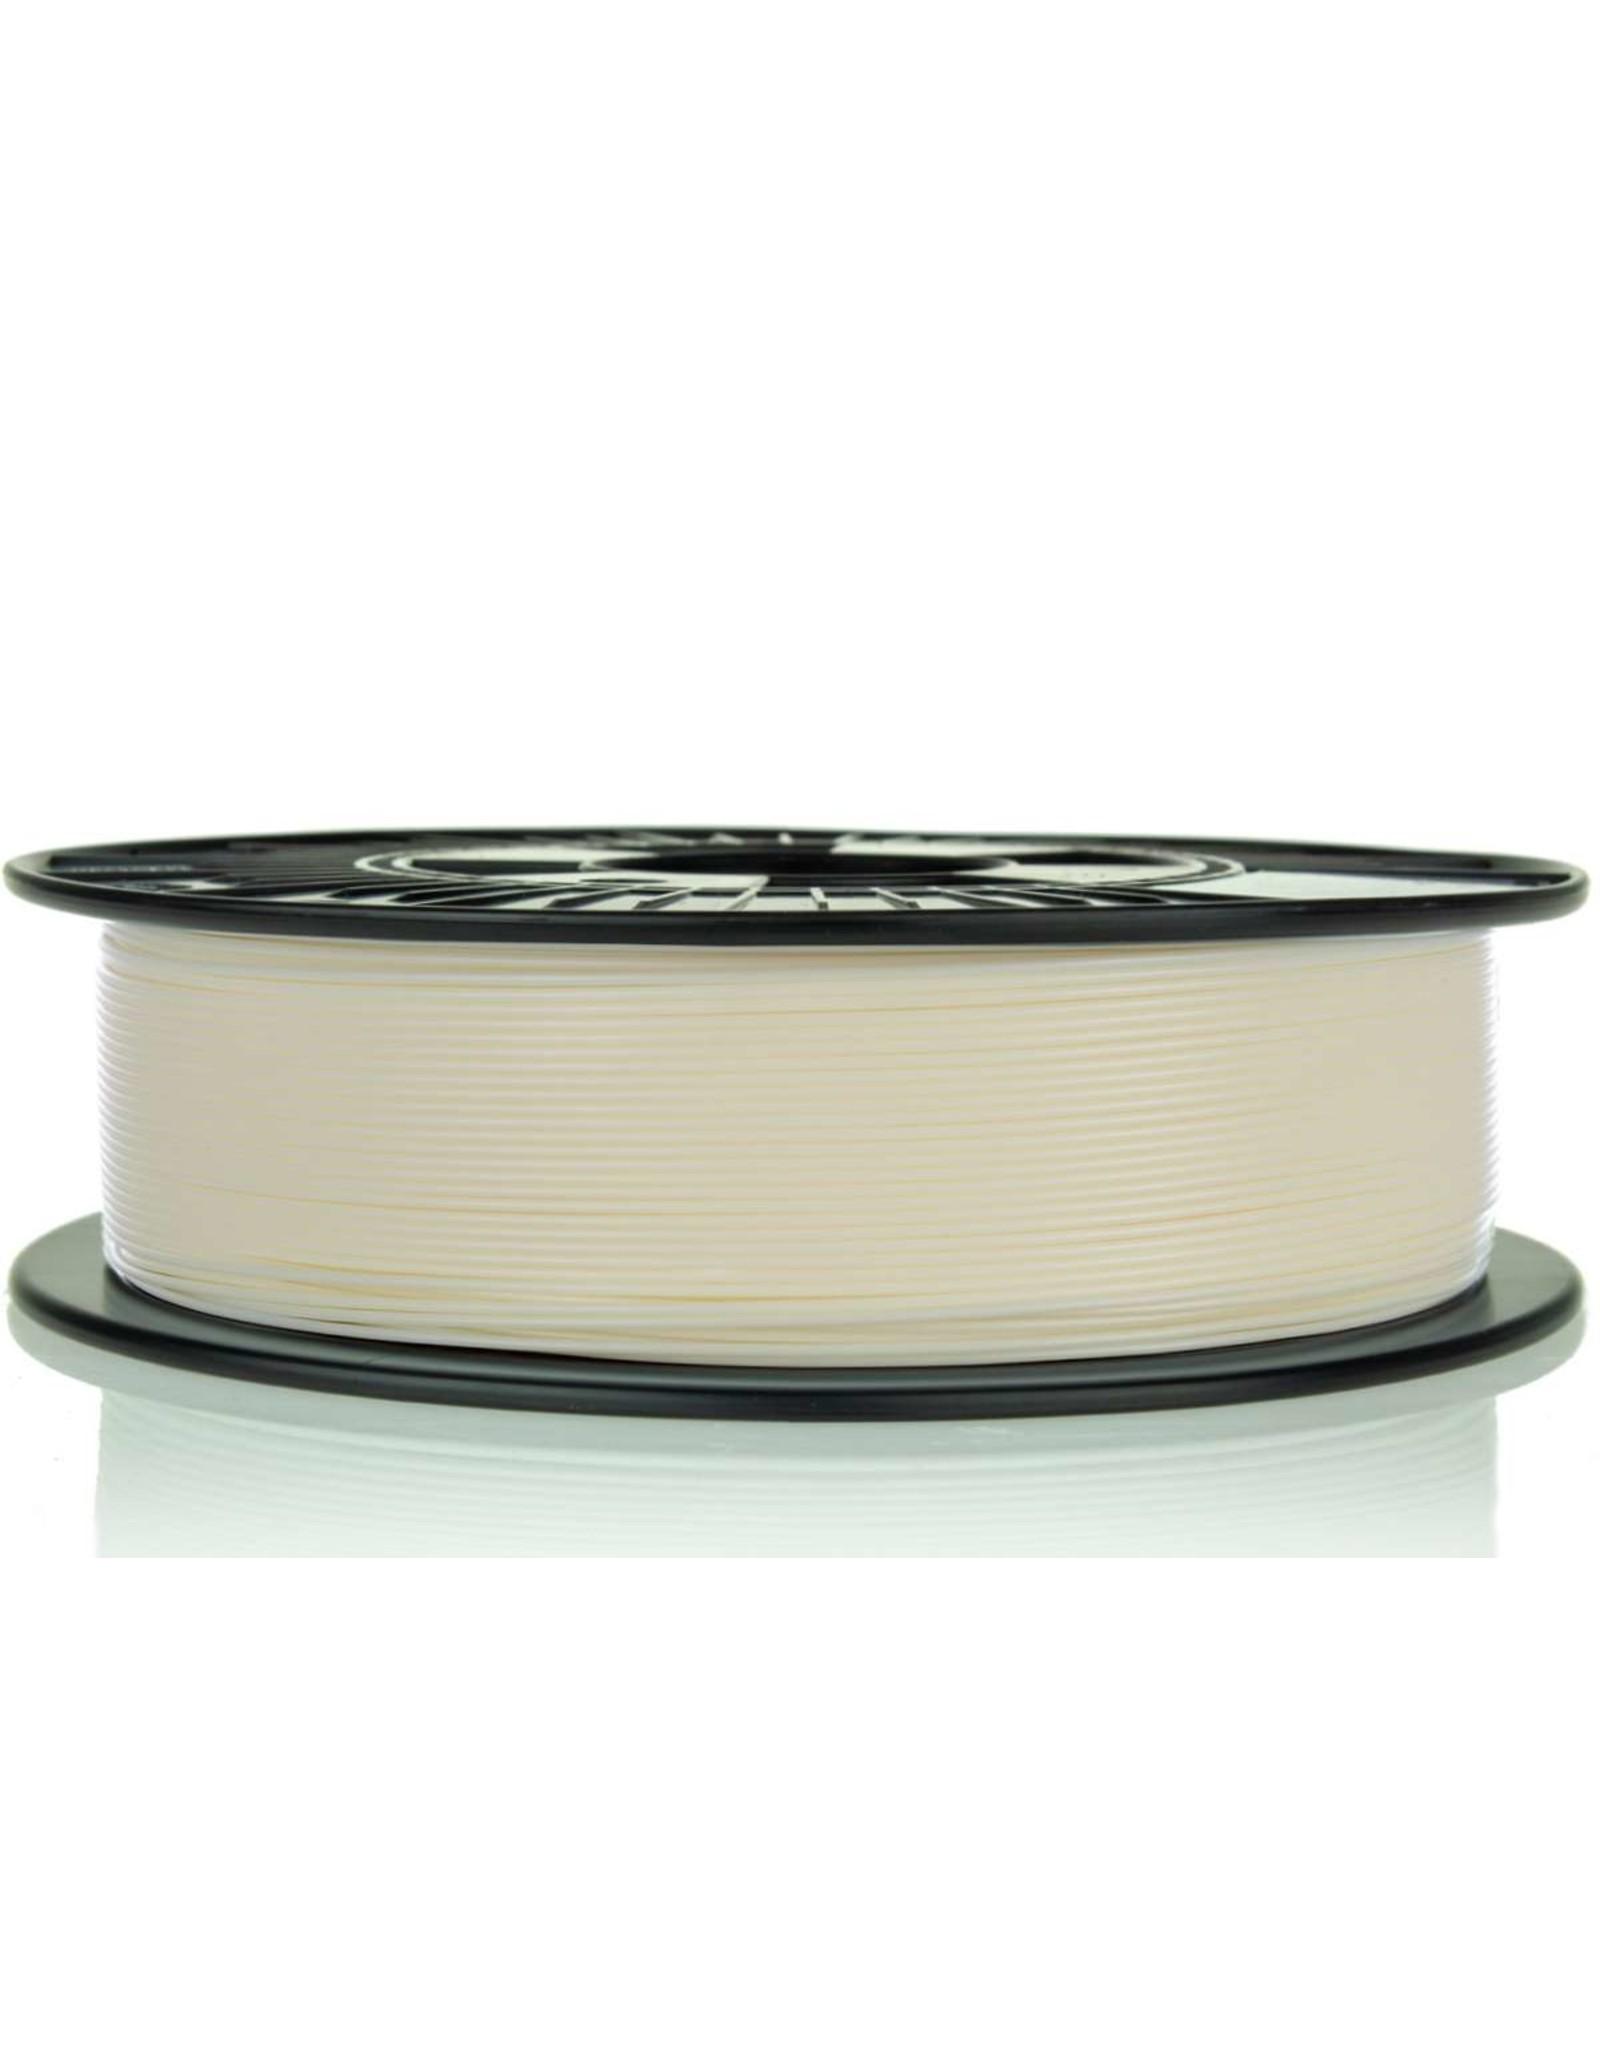 Material4Print ASA Filament 1.75mm 1kg - Natuur